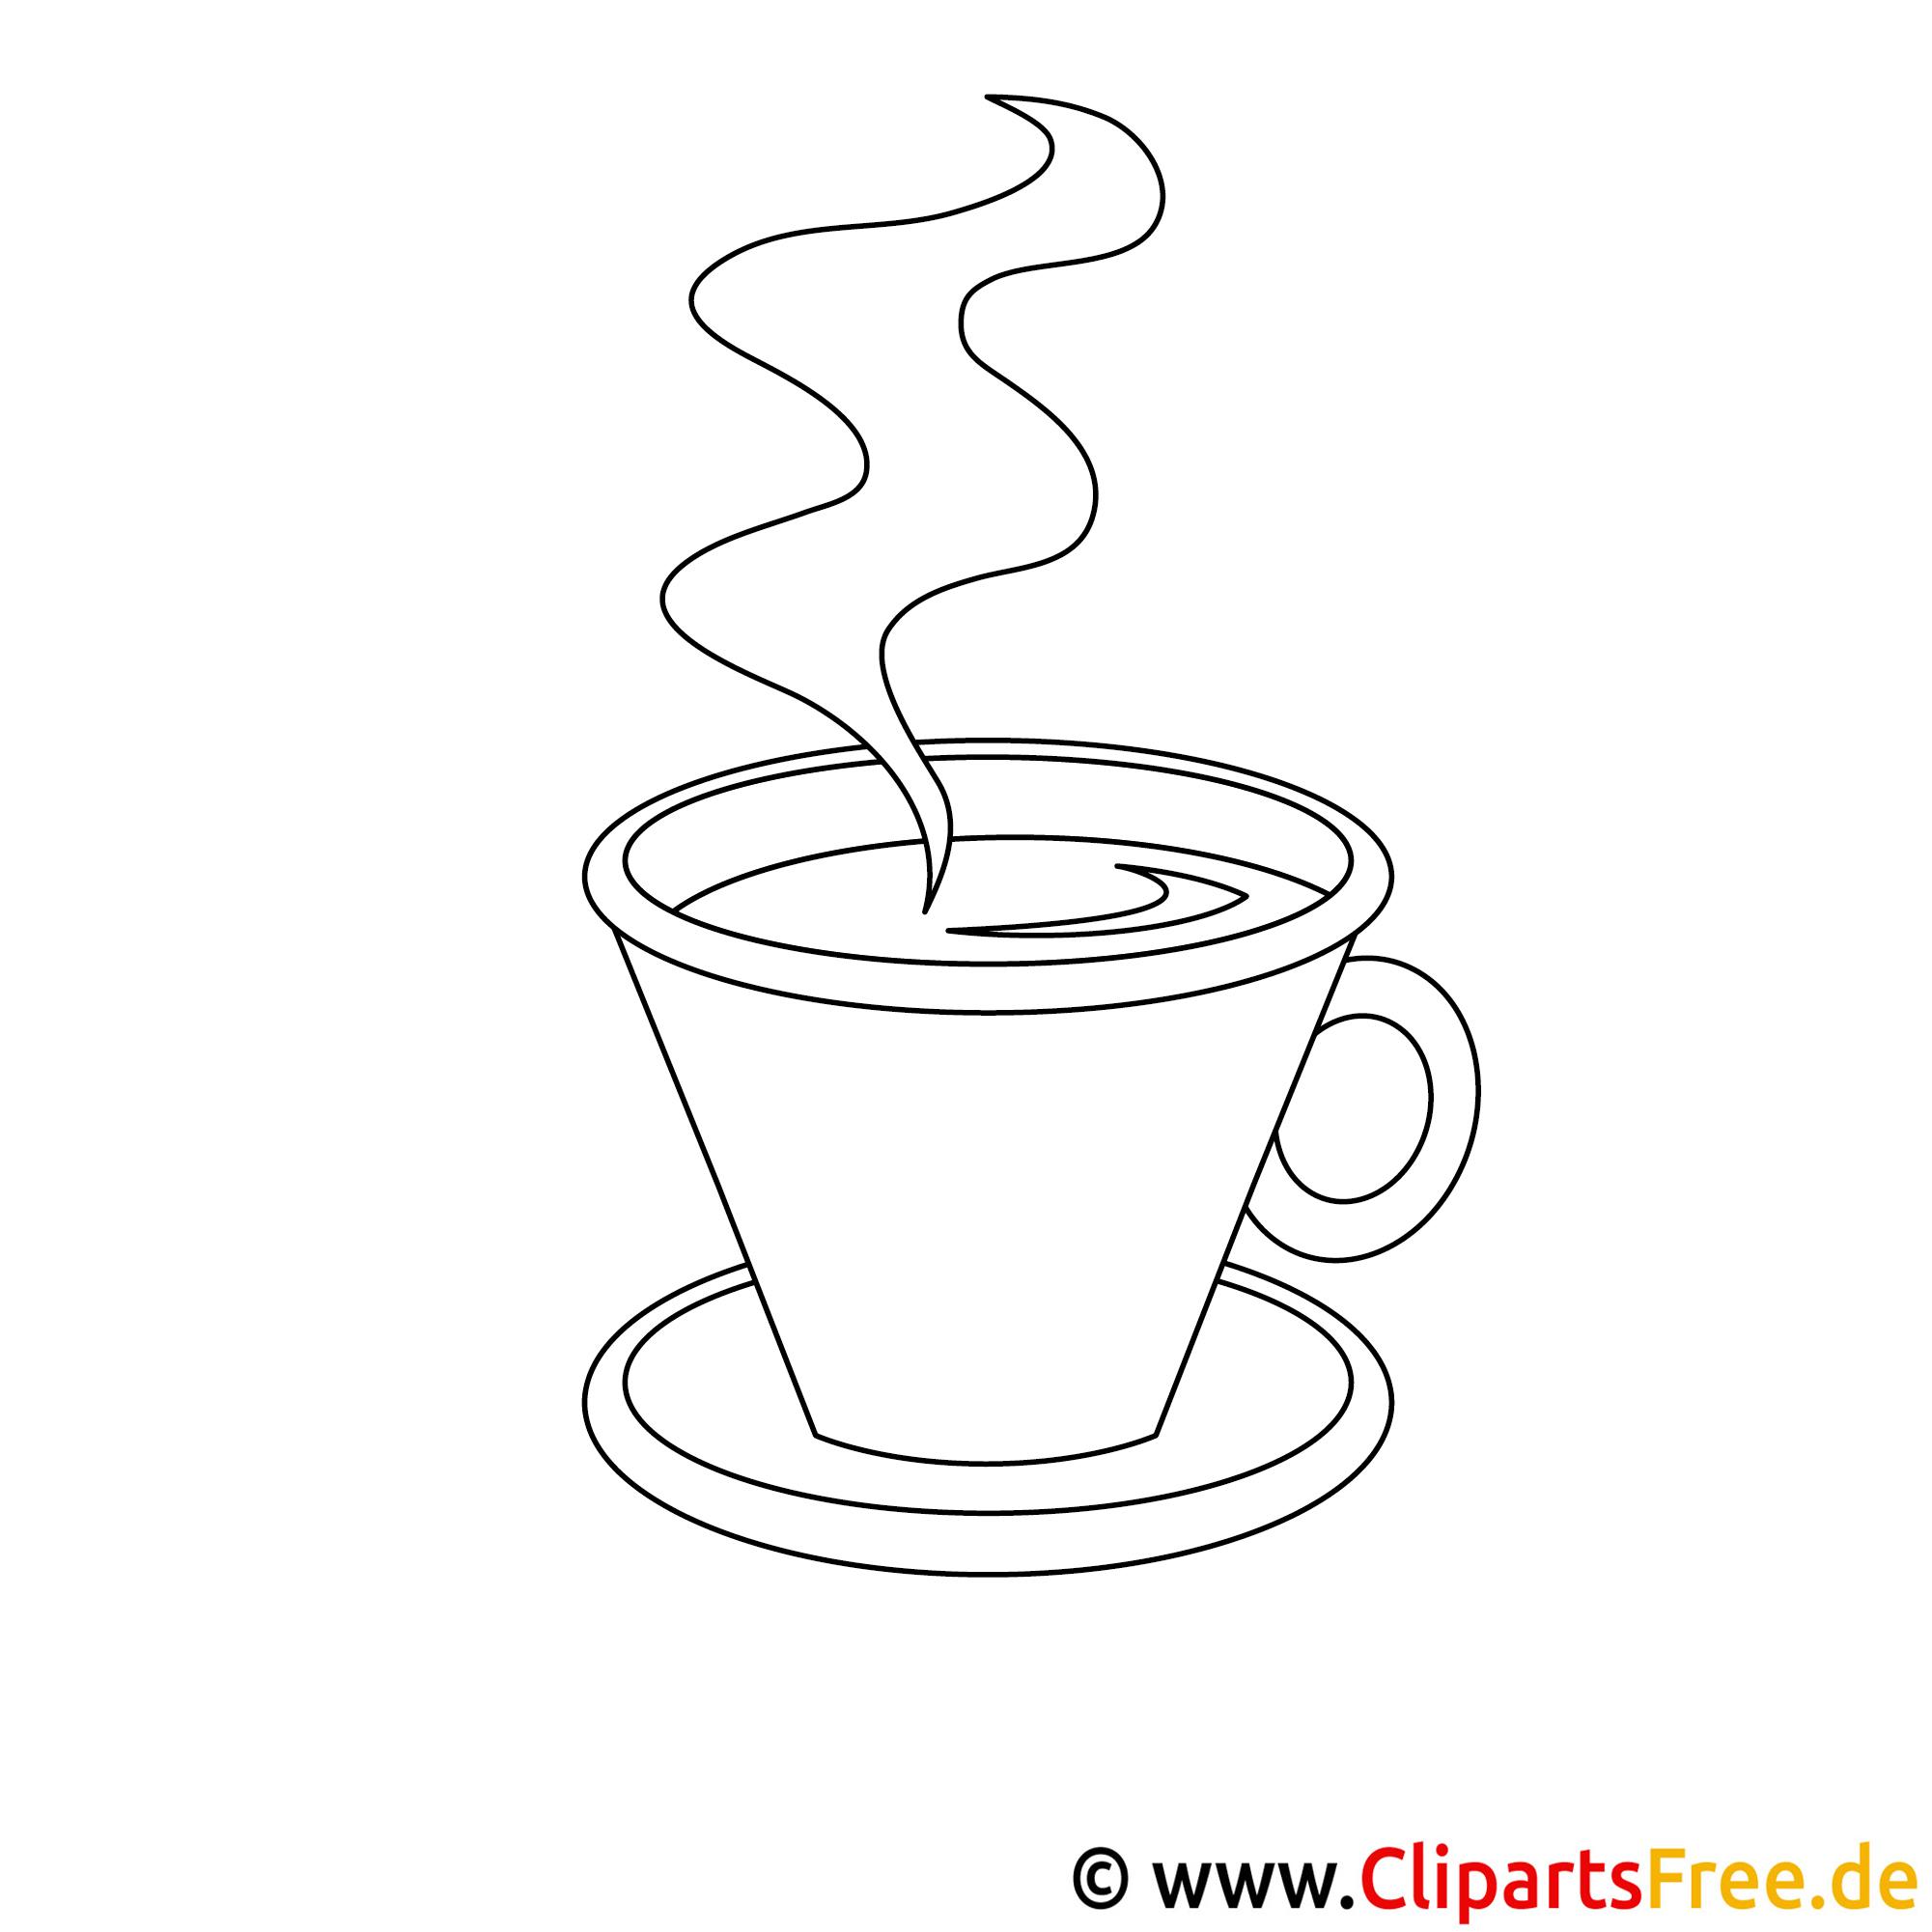 Kaffeetasse Bild Zum Ausmalen Malvorlage Ausmalbild